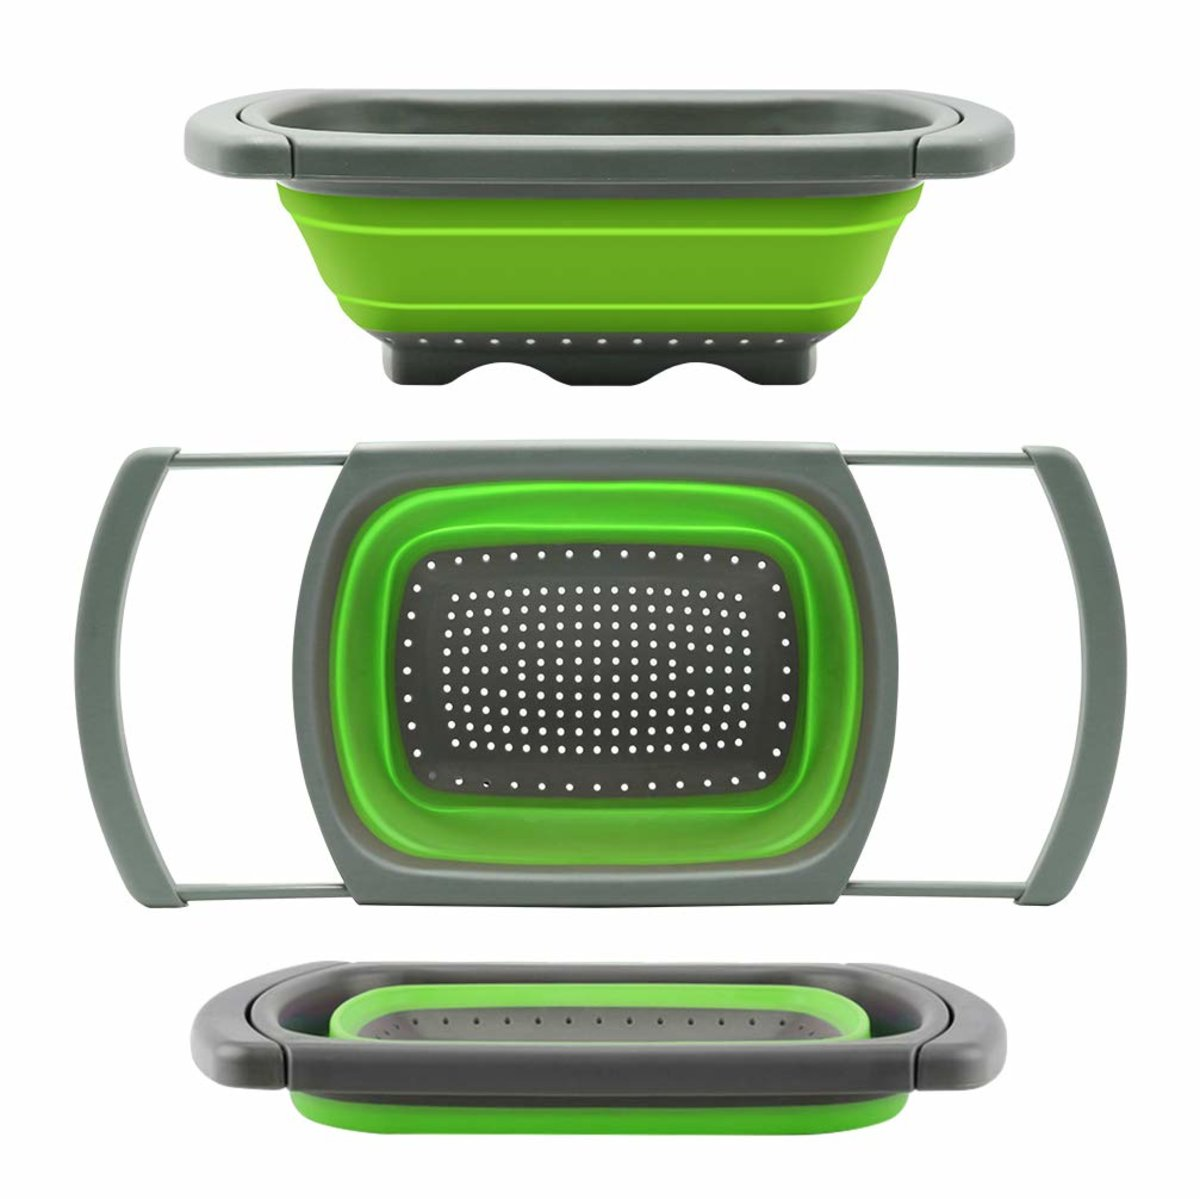 可摺疊洗菜盤 矽膠洗菜籃 3.8升容量 寬度26.5cm 洗滌過濾器 帶可伸縮手柄 可放置在大多數尺寸的鋅盆上